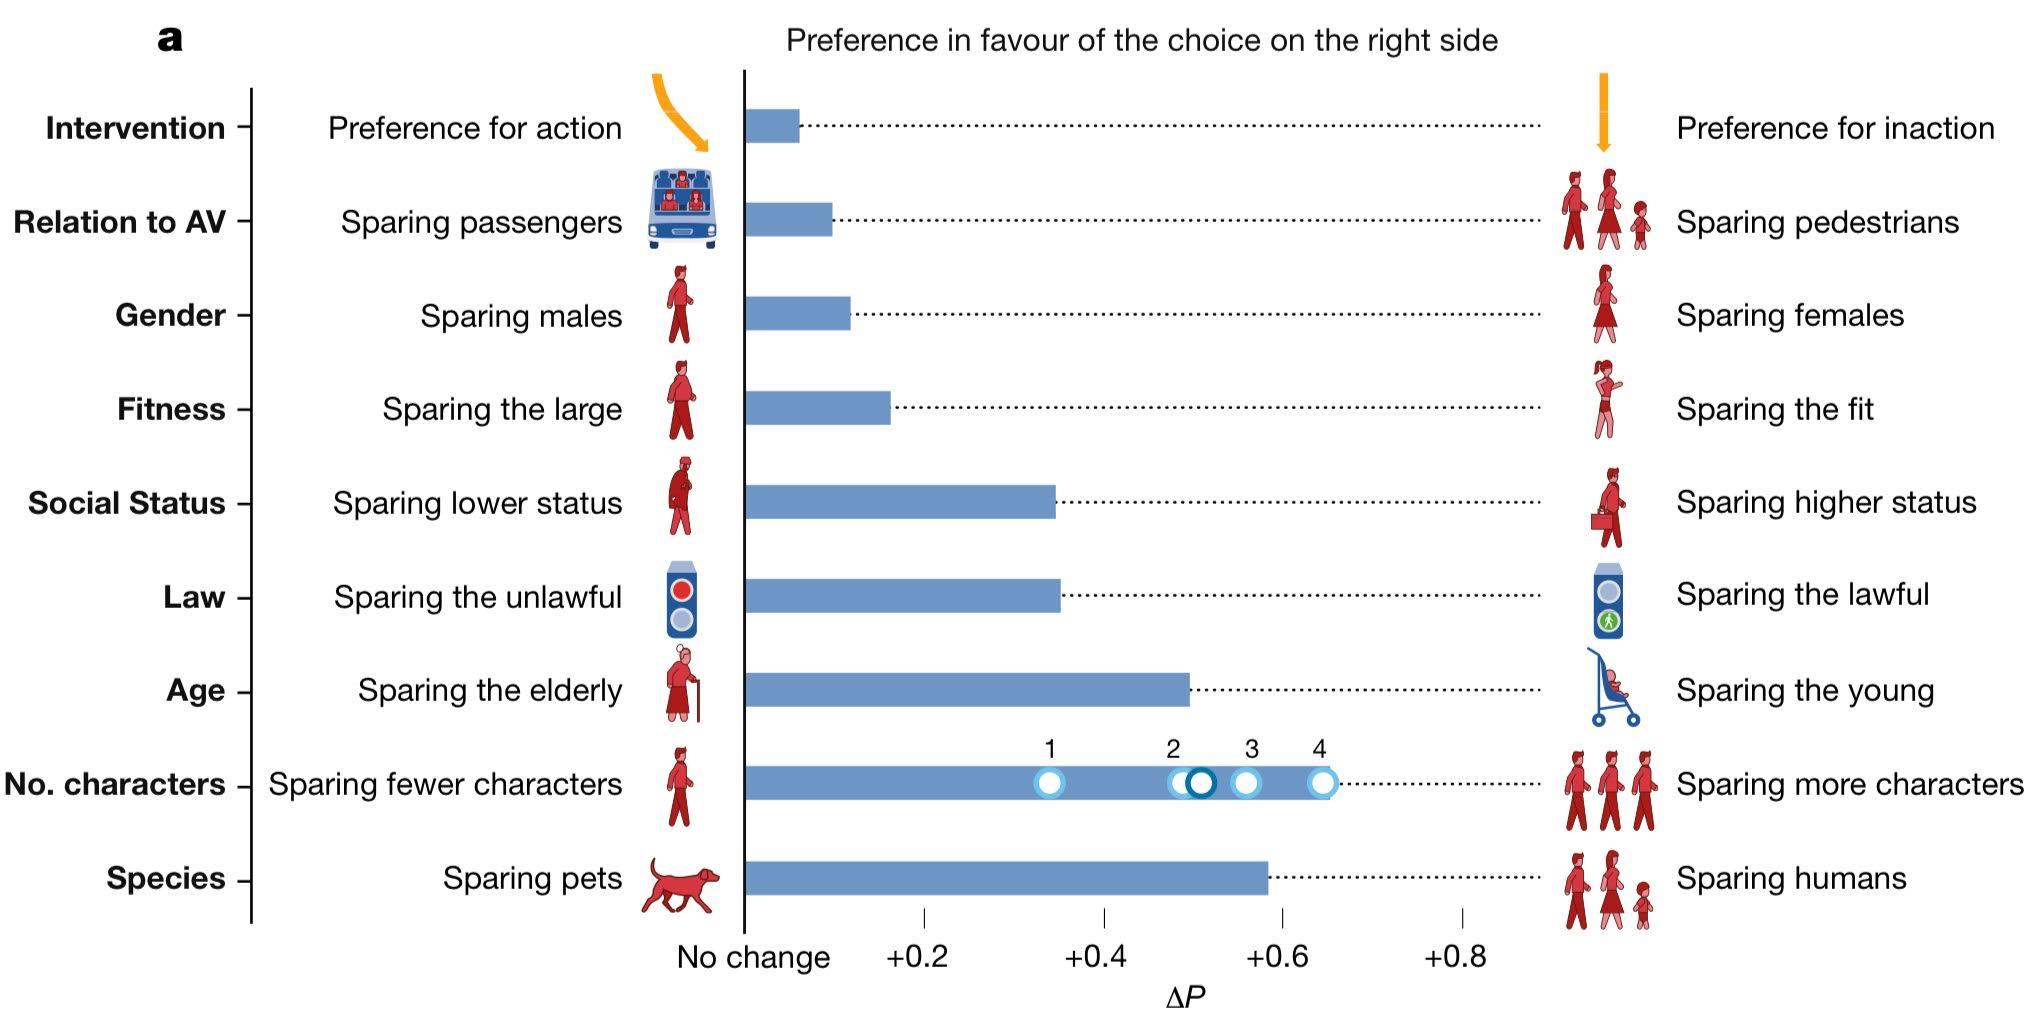 Figure 2 : Grands principes éthiques étant ressortis de l'analyse des réponses au niveau mondial